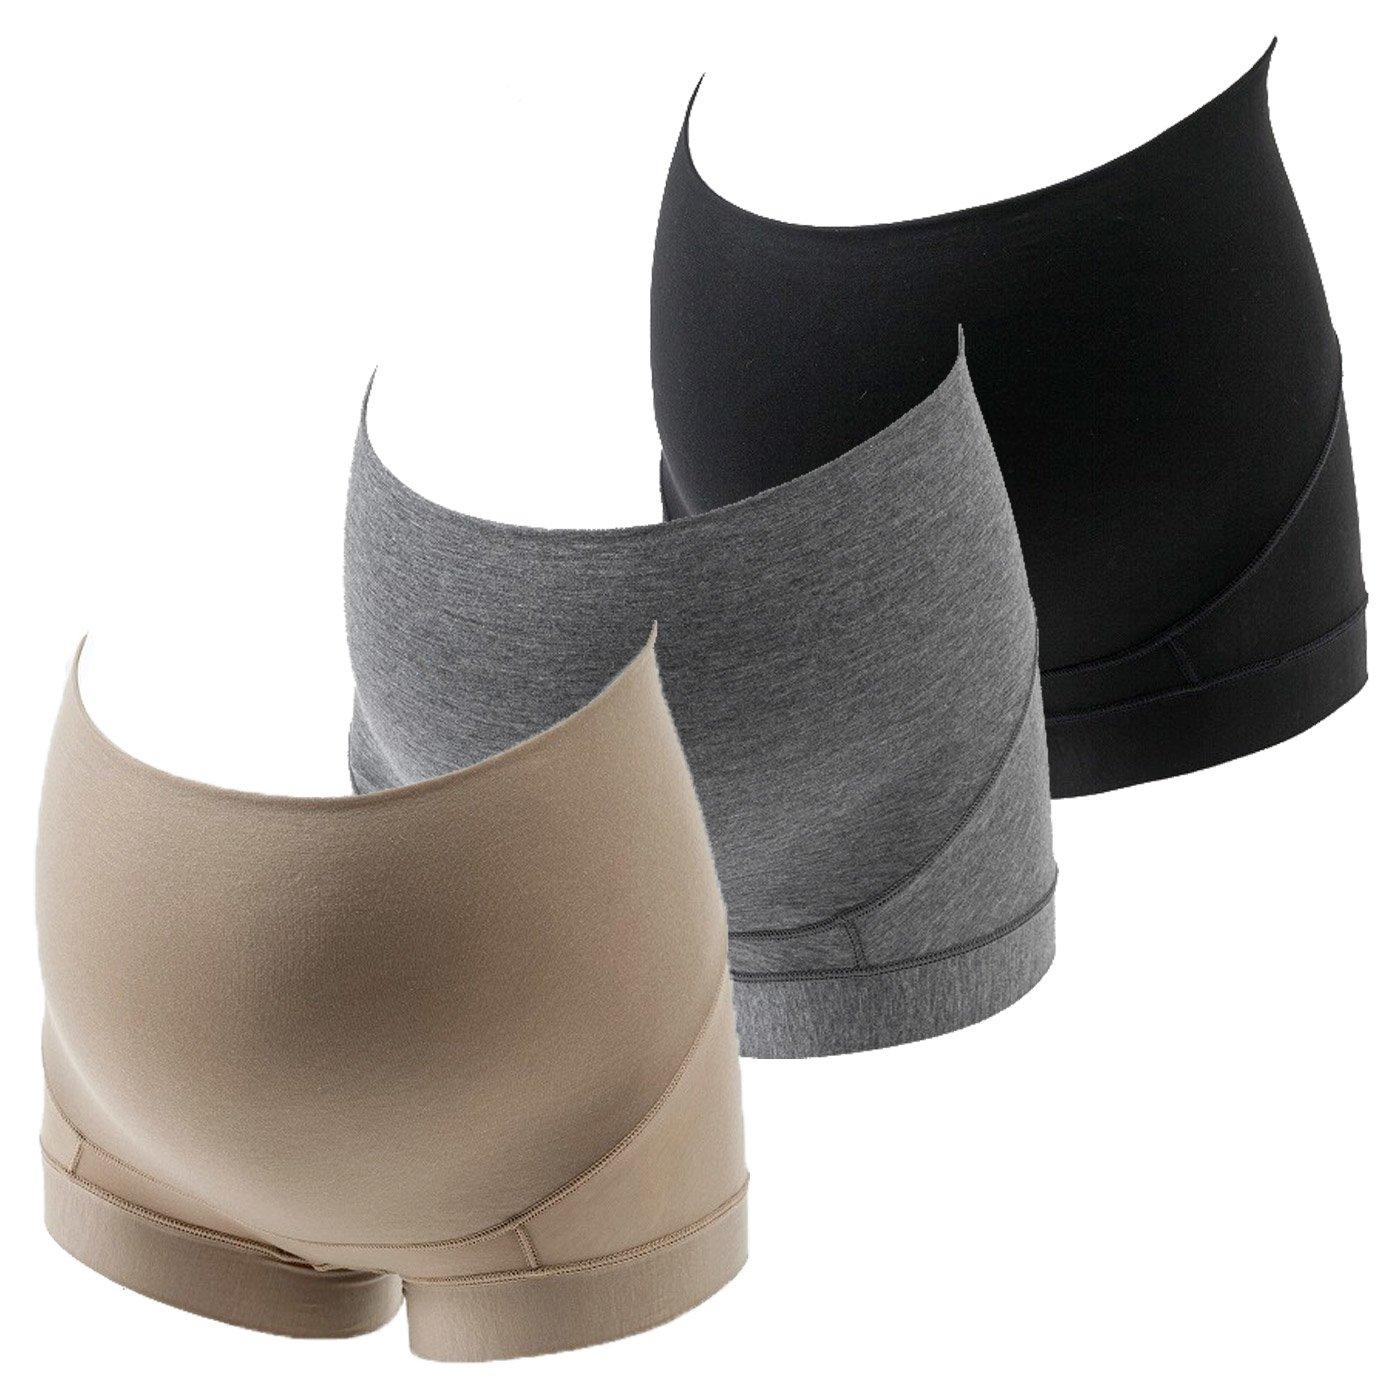 妊娠初期~産後まで長く履ける 超立体設計とのびやか素材でやさしくフィット マタニティショーツ